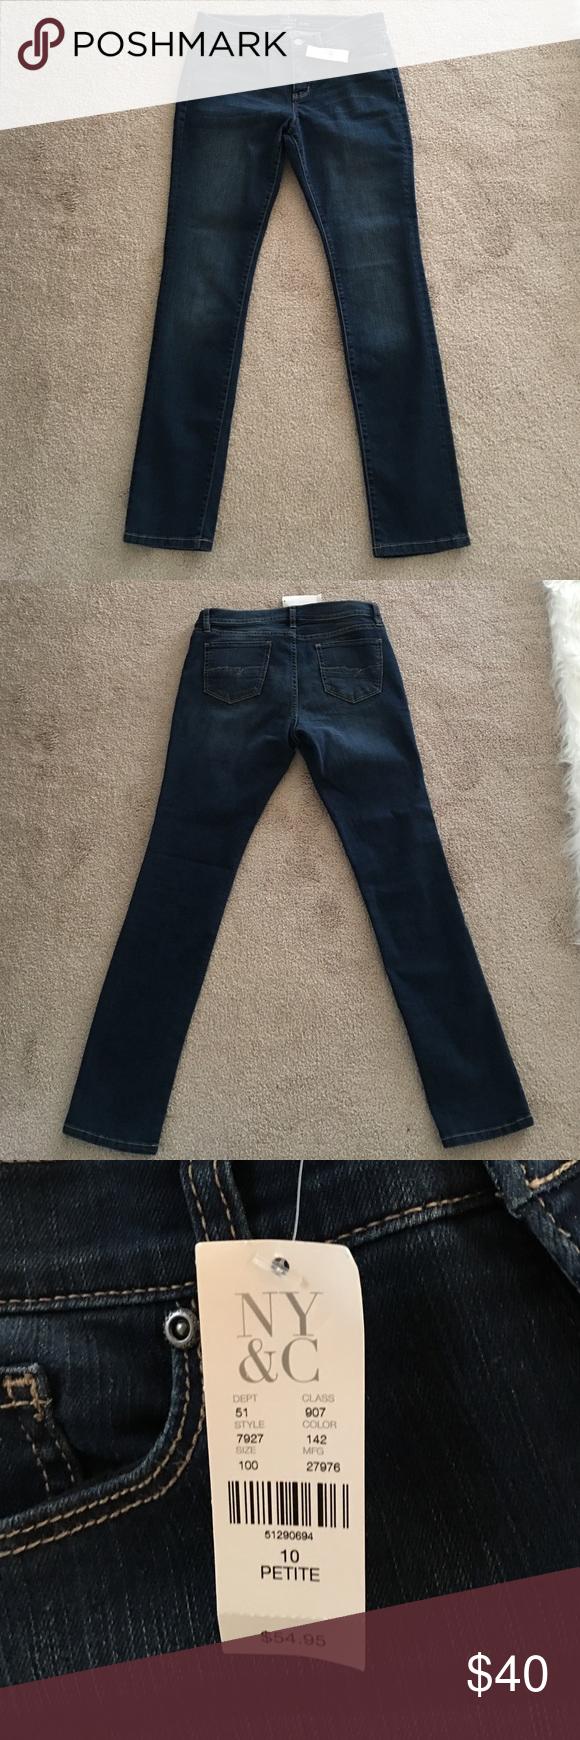 New York and Company straight leg jeans Soho New York and Company skinny jeans size 10 petite NWT New York & Company Jeans Skinny